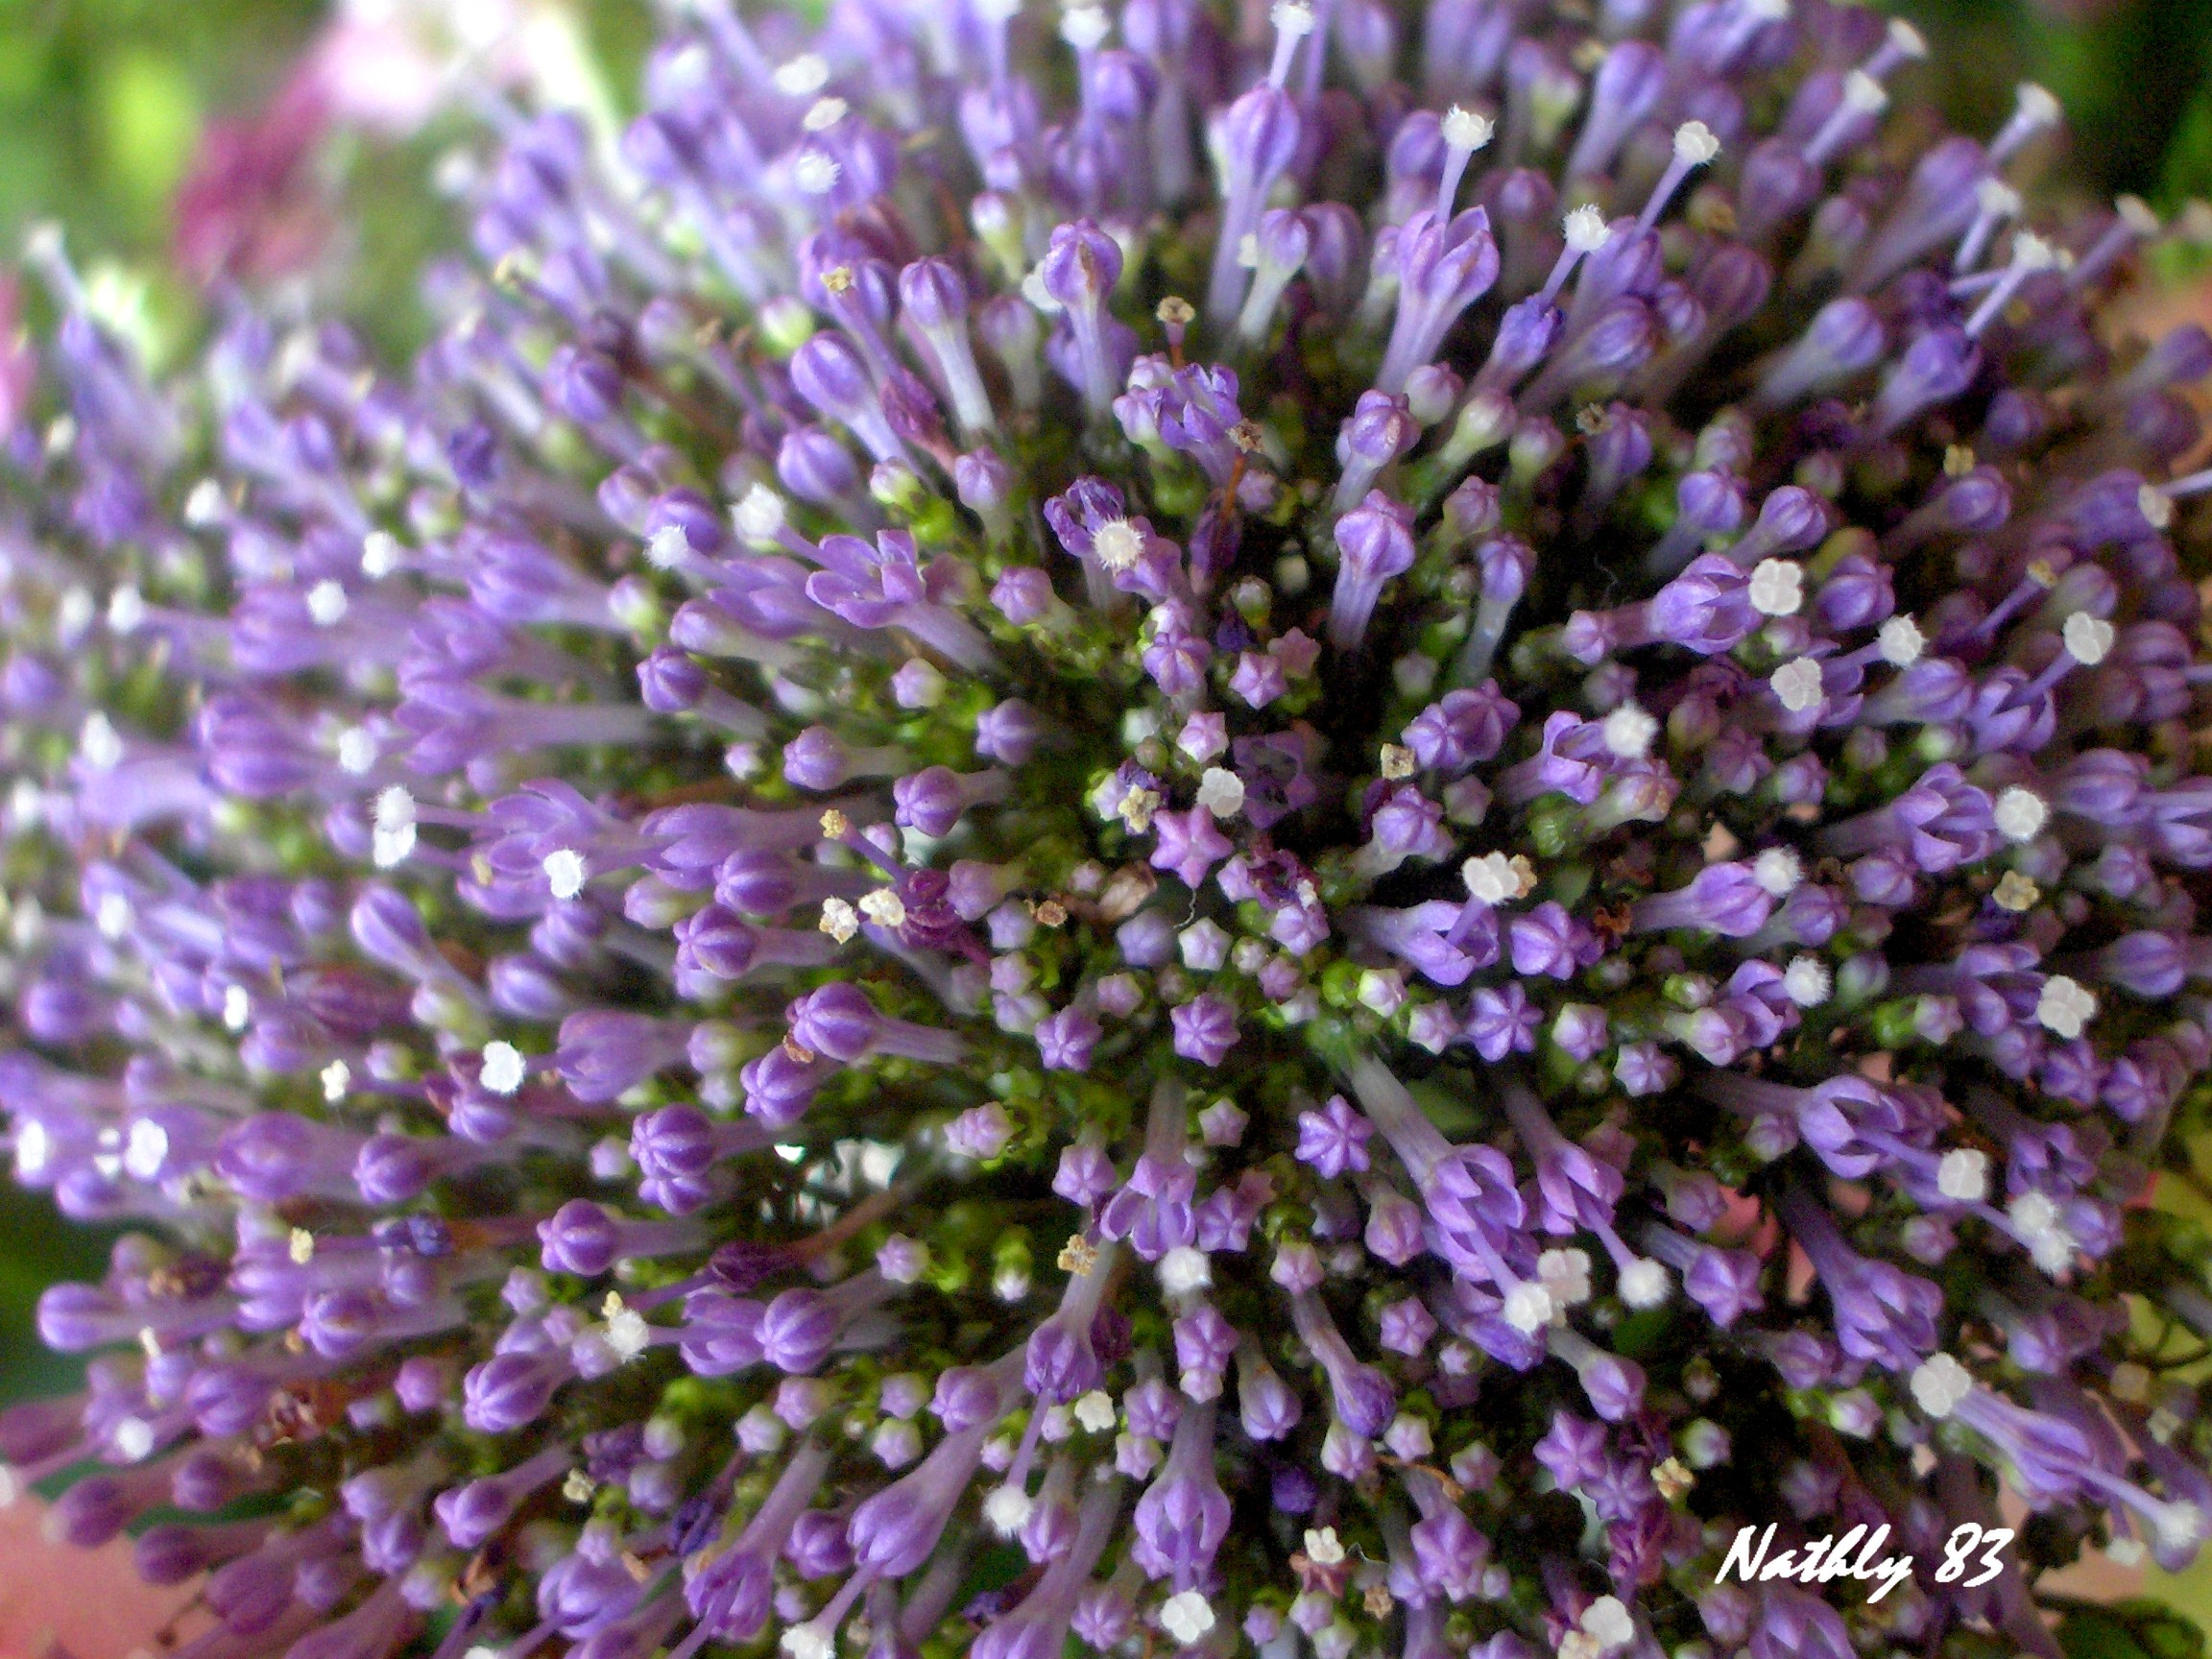 bouquetdu7fvrier07021.jpg